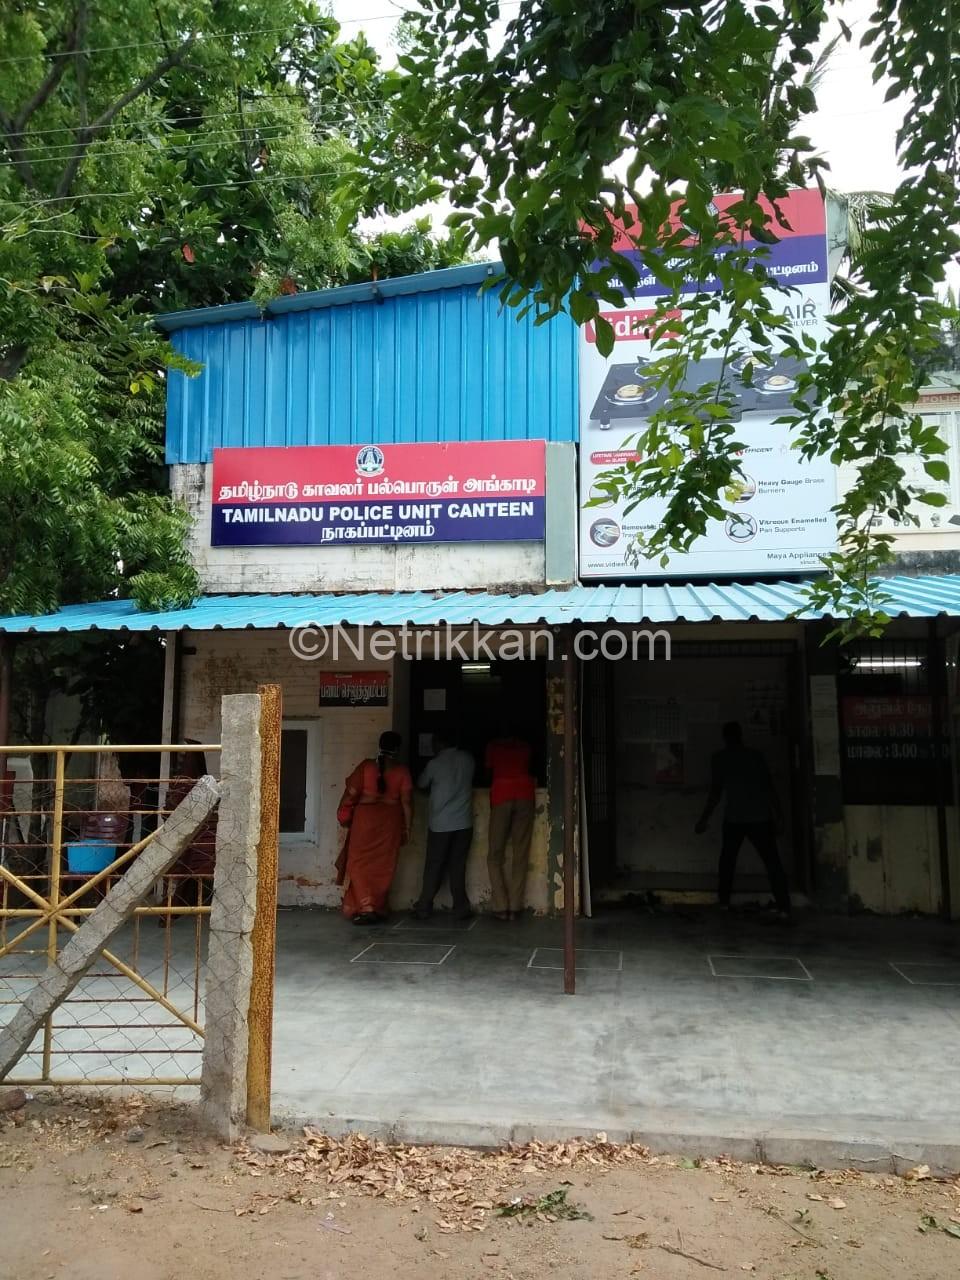 நாகை : சீருடை பணியாளர்கள் குடும்பம் பரிதவிப்பு!